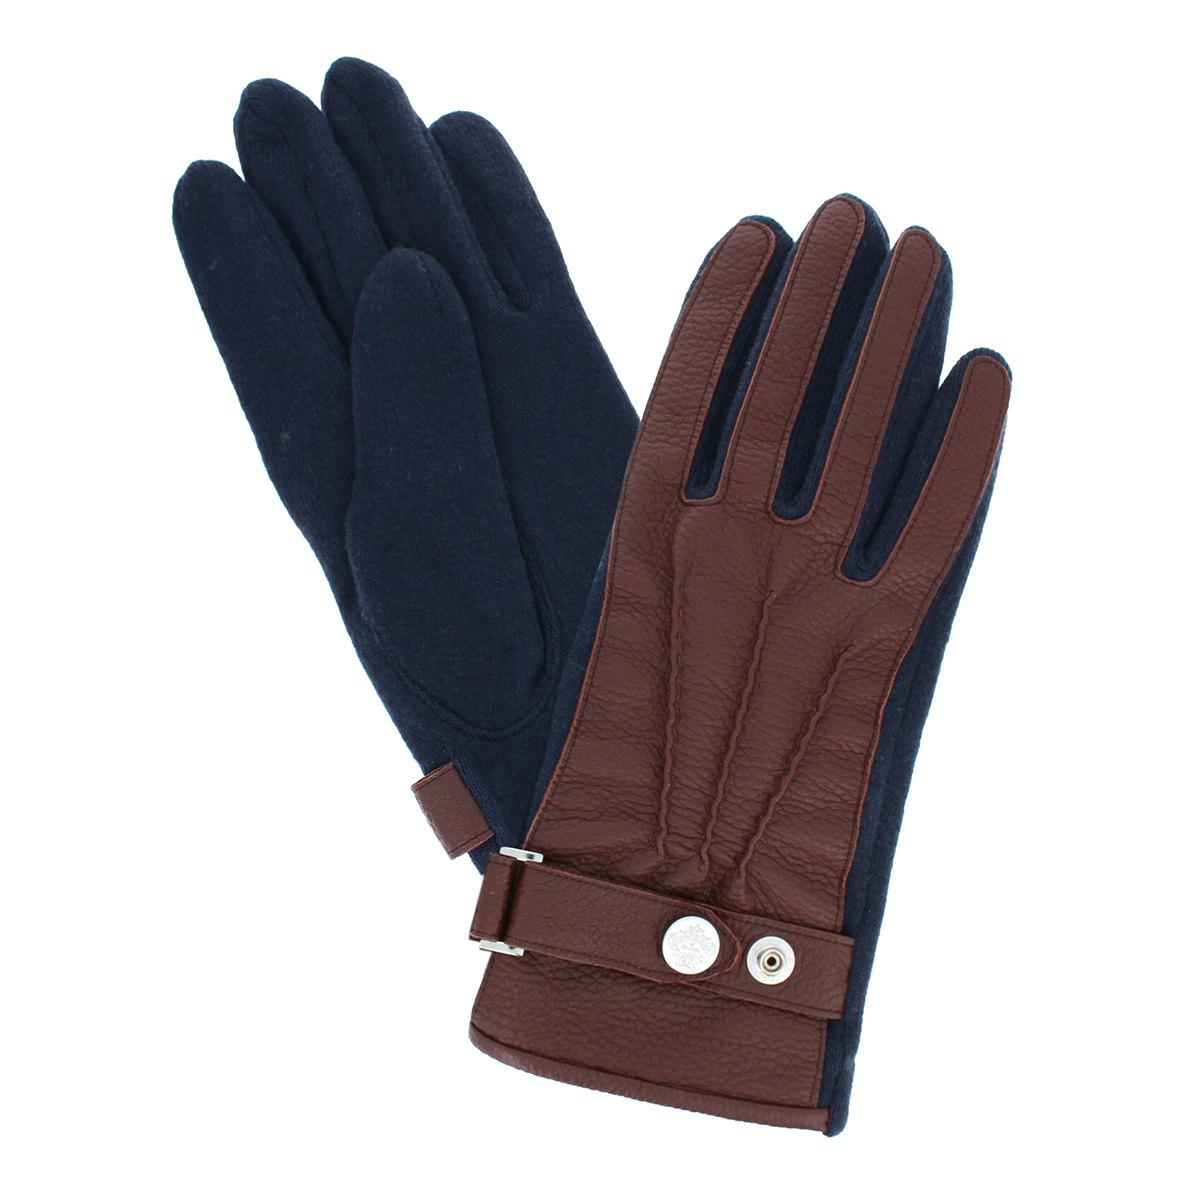 オロビアンコ ベルトデザイン レザーコンビ ジャージ メンズ手袋 Mサイズ 全3色